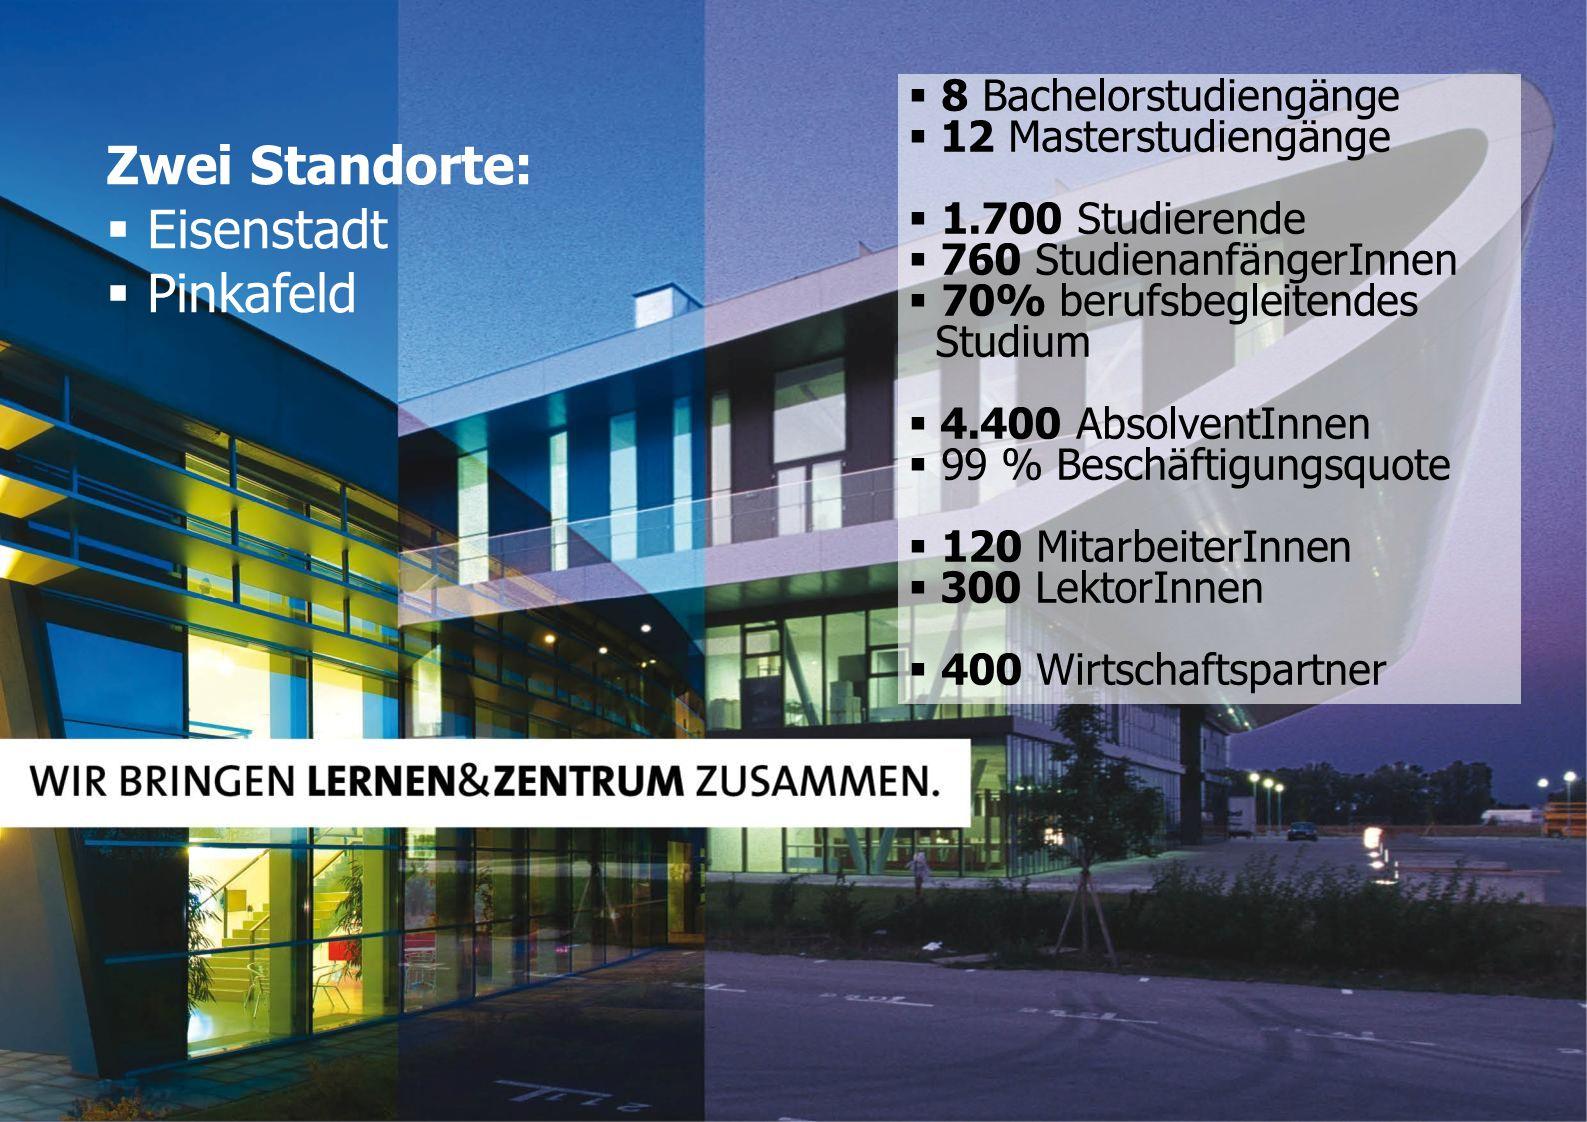 Zwei Standorte:  Eisenstadt  Pinkafeld  8 Bachelorstudiengänge  12 Masterstudiengänge  1.700 Studierende  760 StudienanfängerInnen  70% berufsb